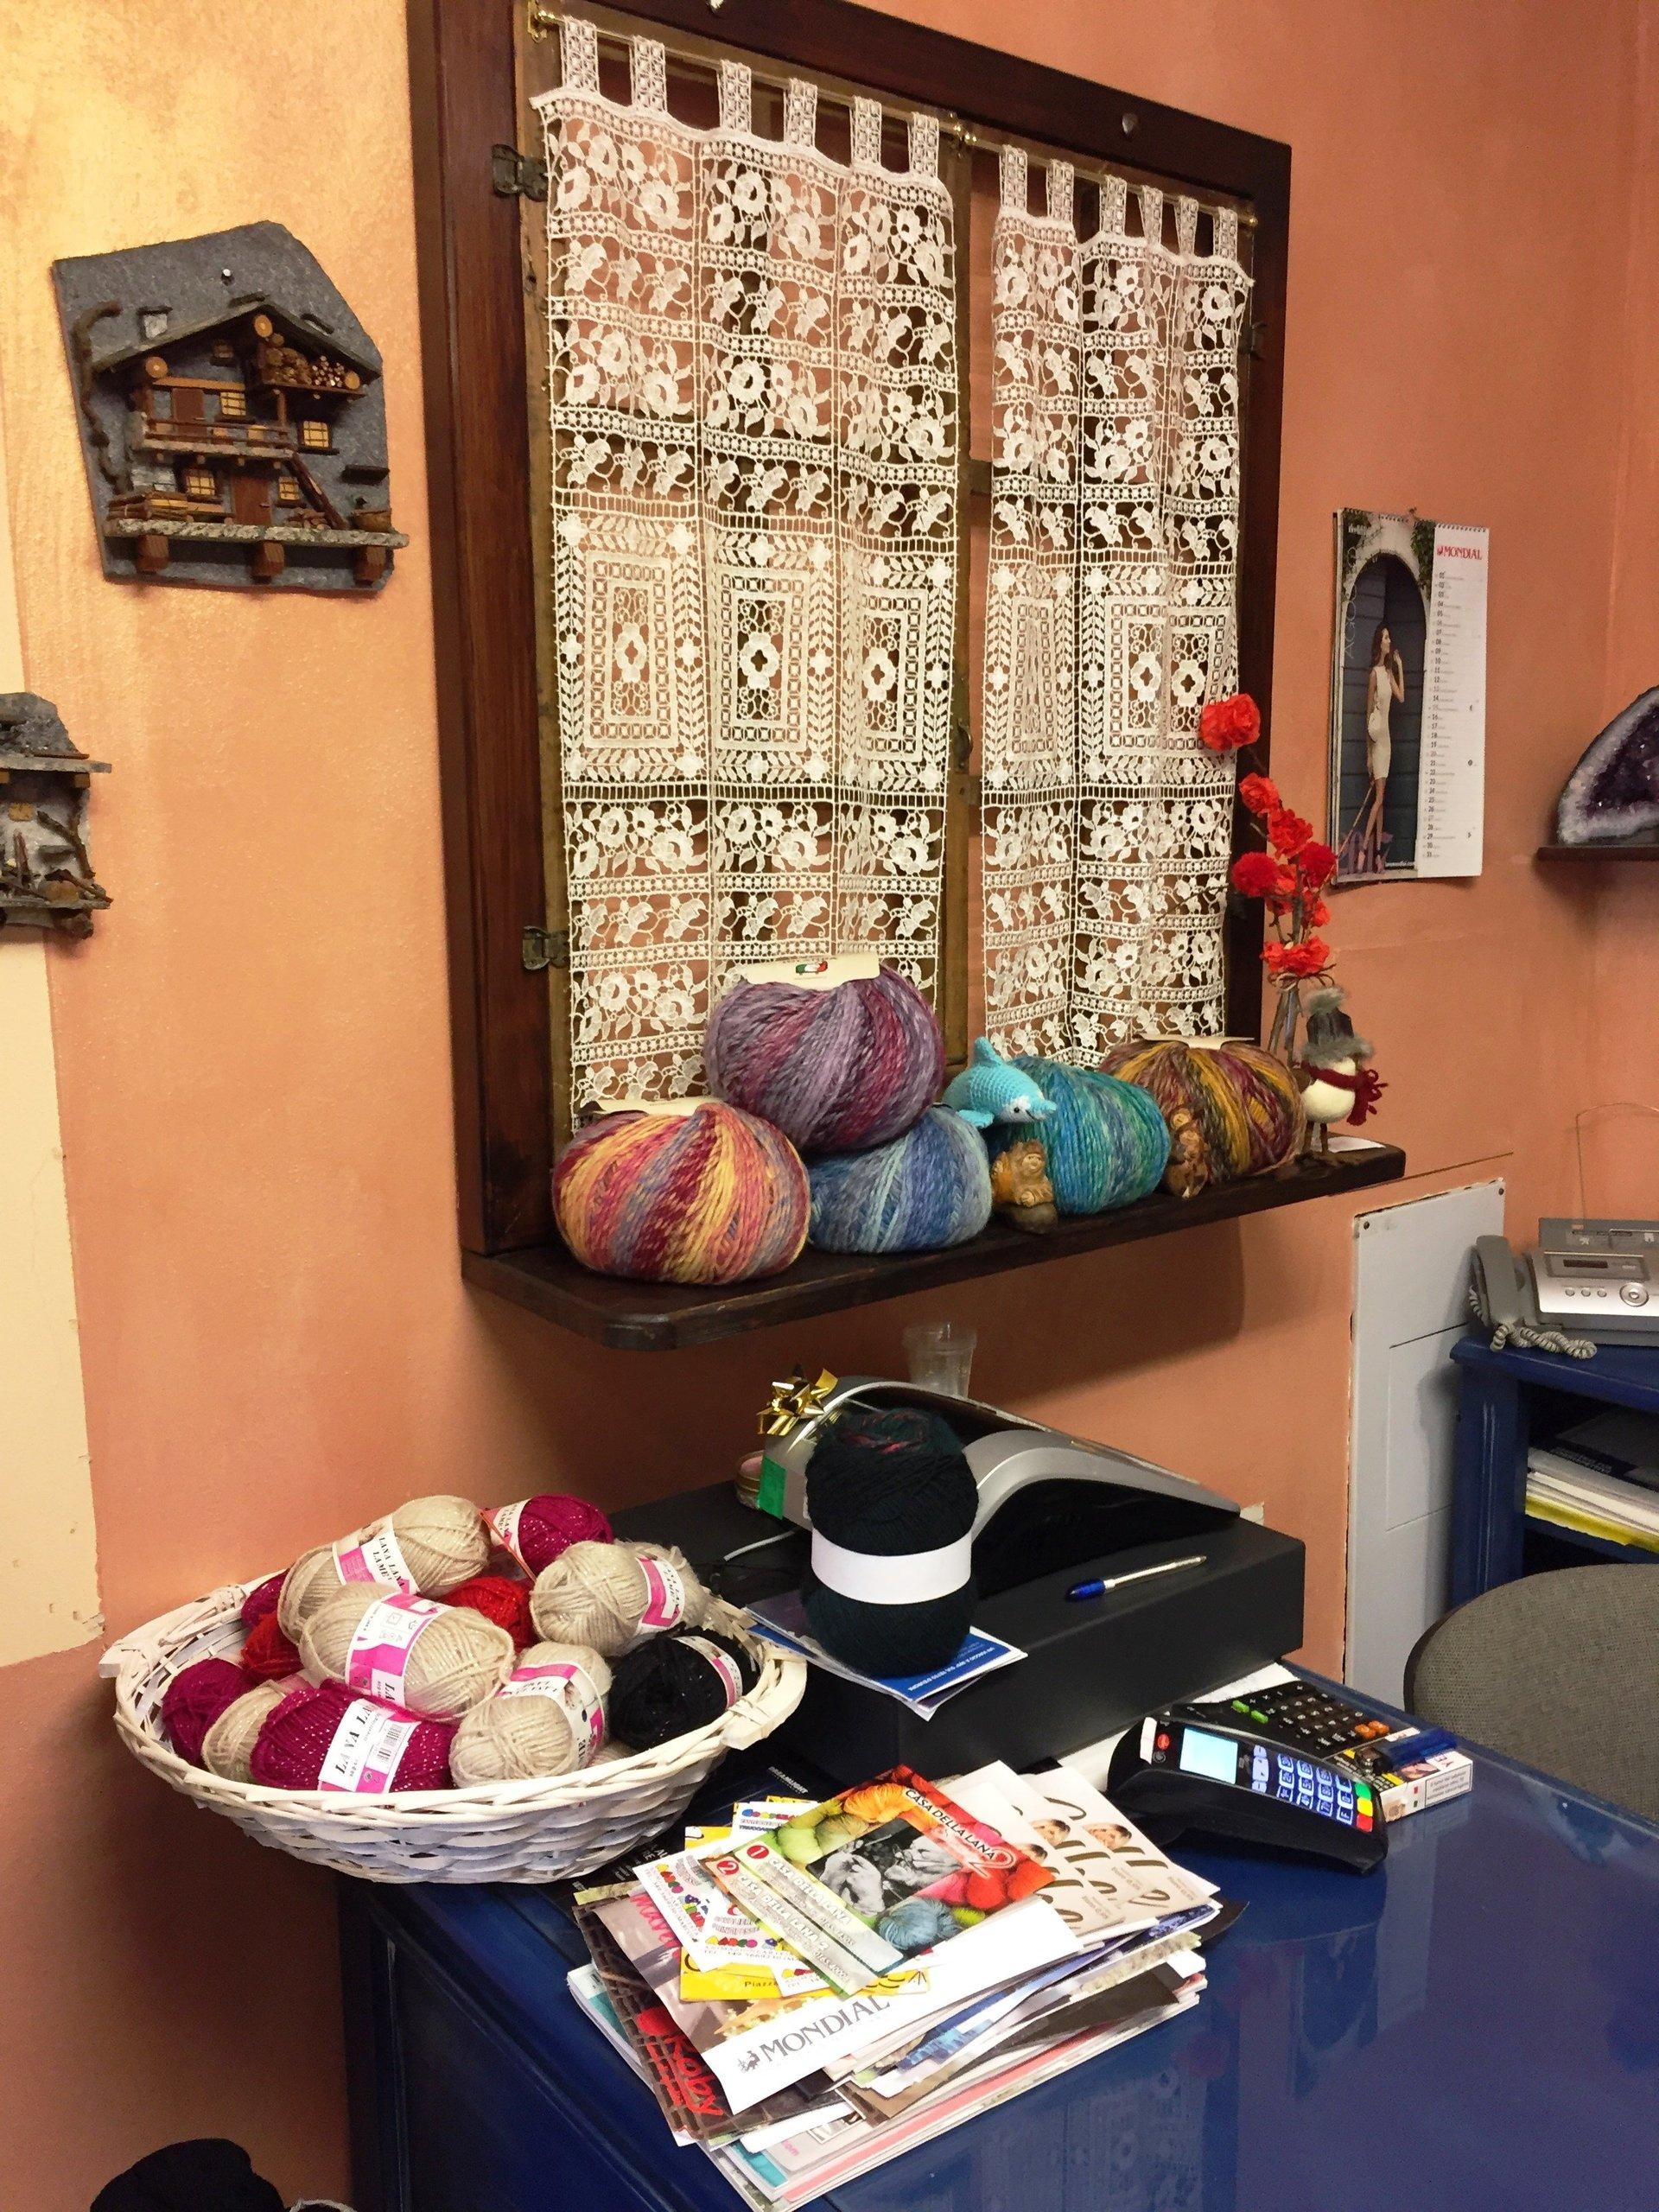 Uncinetti per cotone e lana aosta la casa della lana - La casa della lampadina torino ...